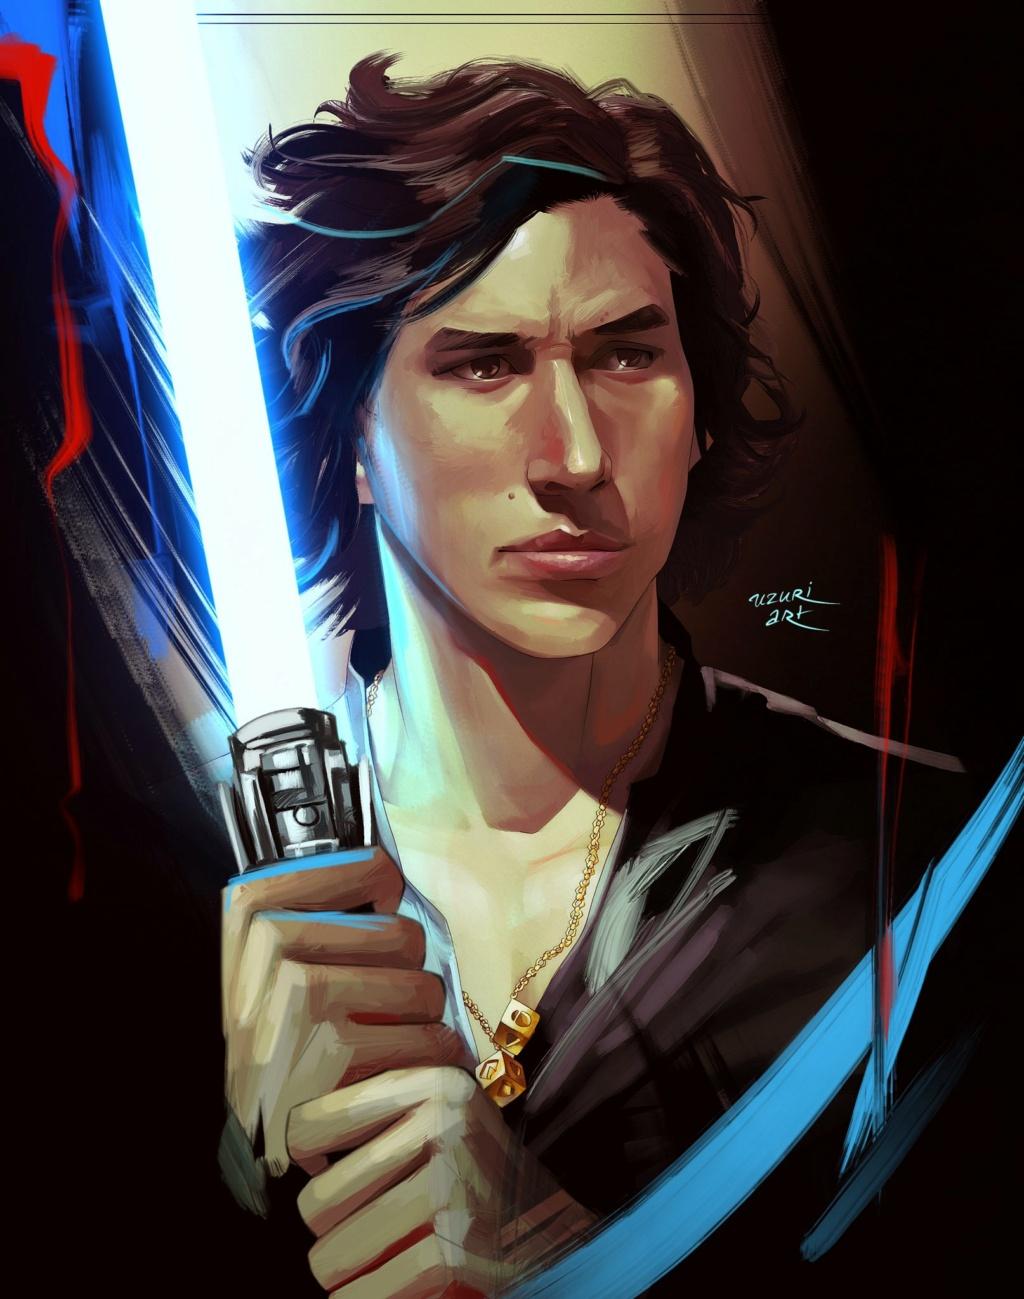 Digital Art par UZURI ART - Star Wars - Page 4 Uzuri101